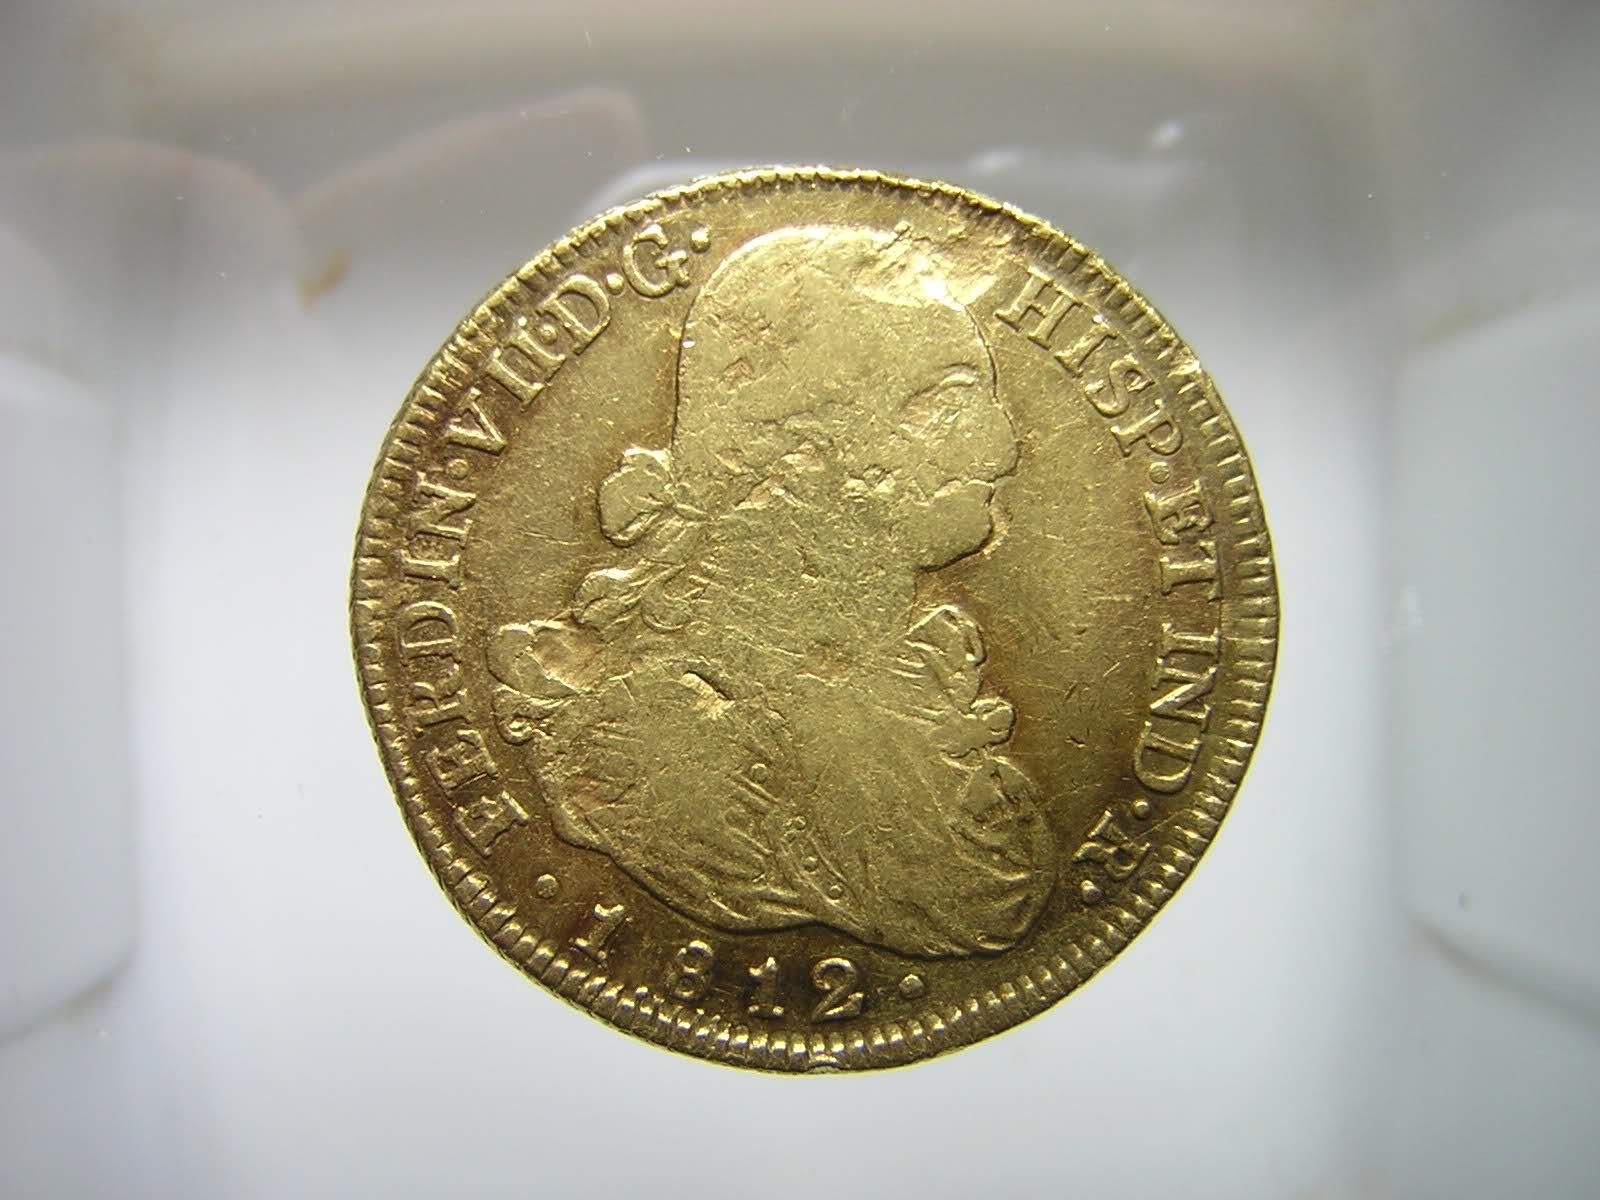 Monedas de Chile - Epoca Colonial e Republicana 1690pz9